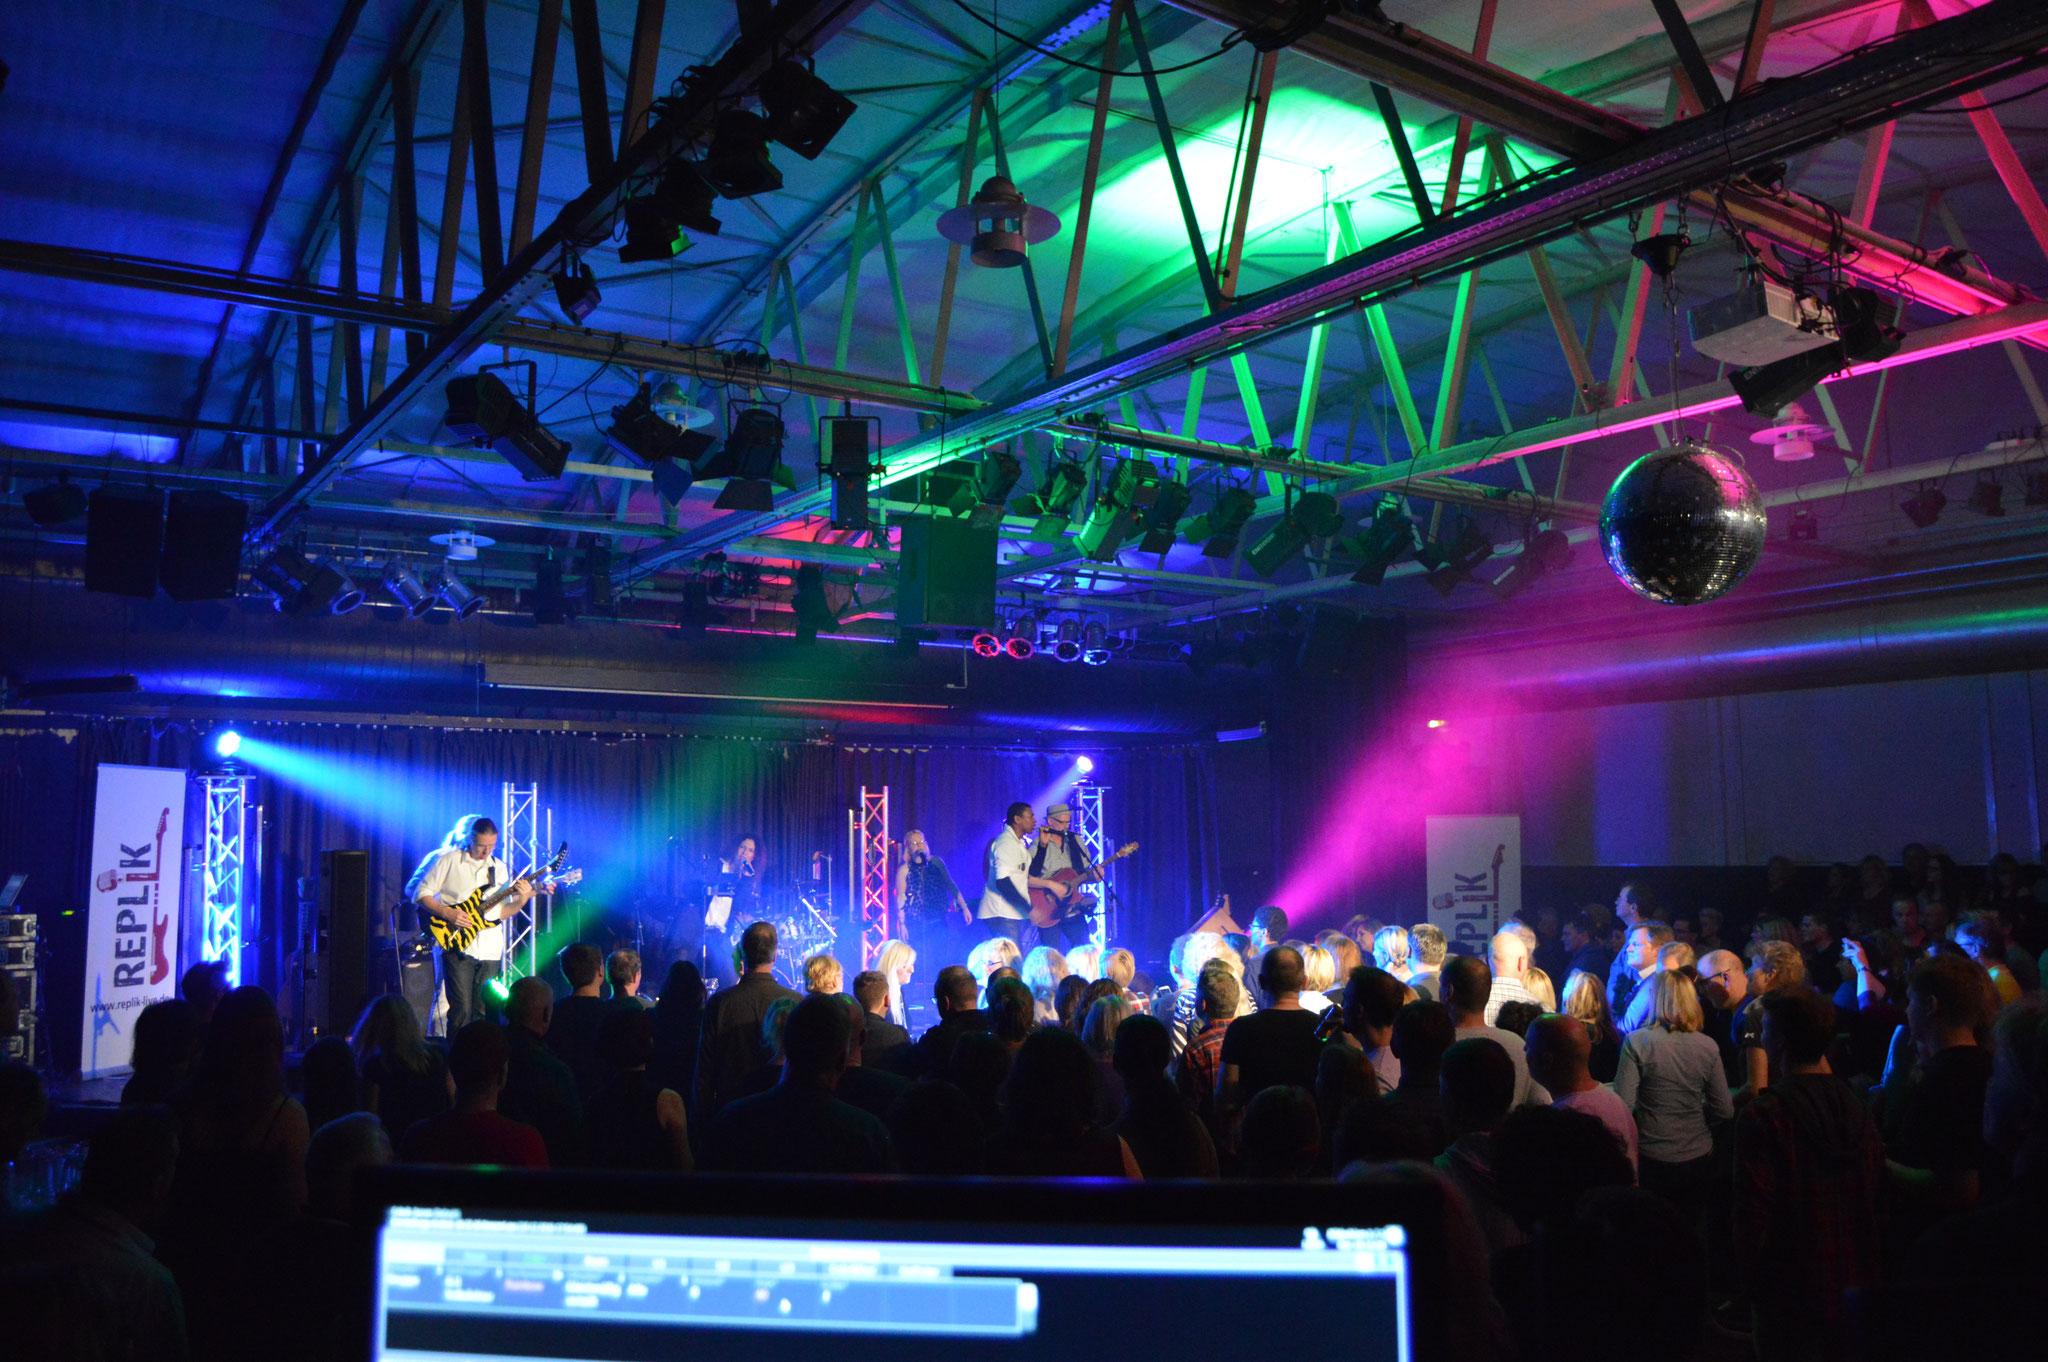 Replik Live Jahreskonzert - Lichttechnik